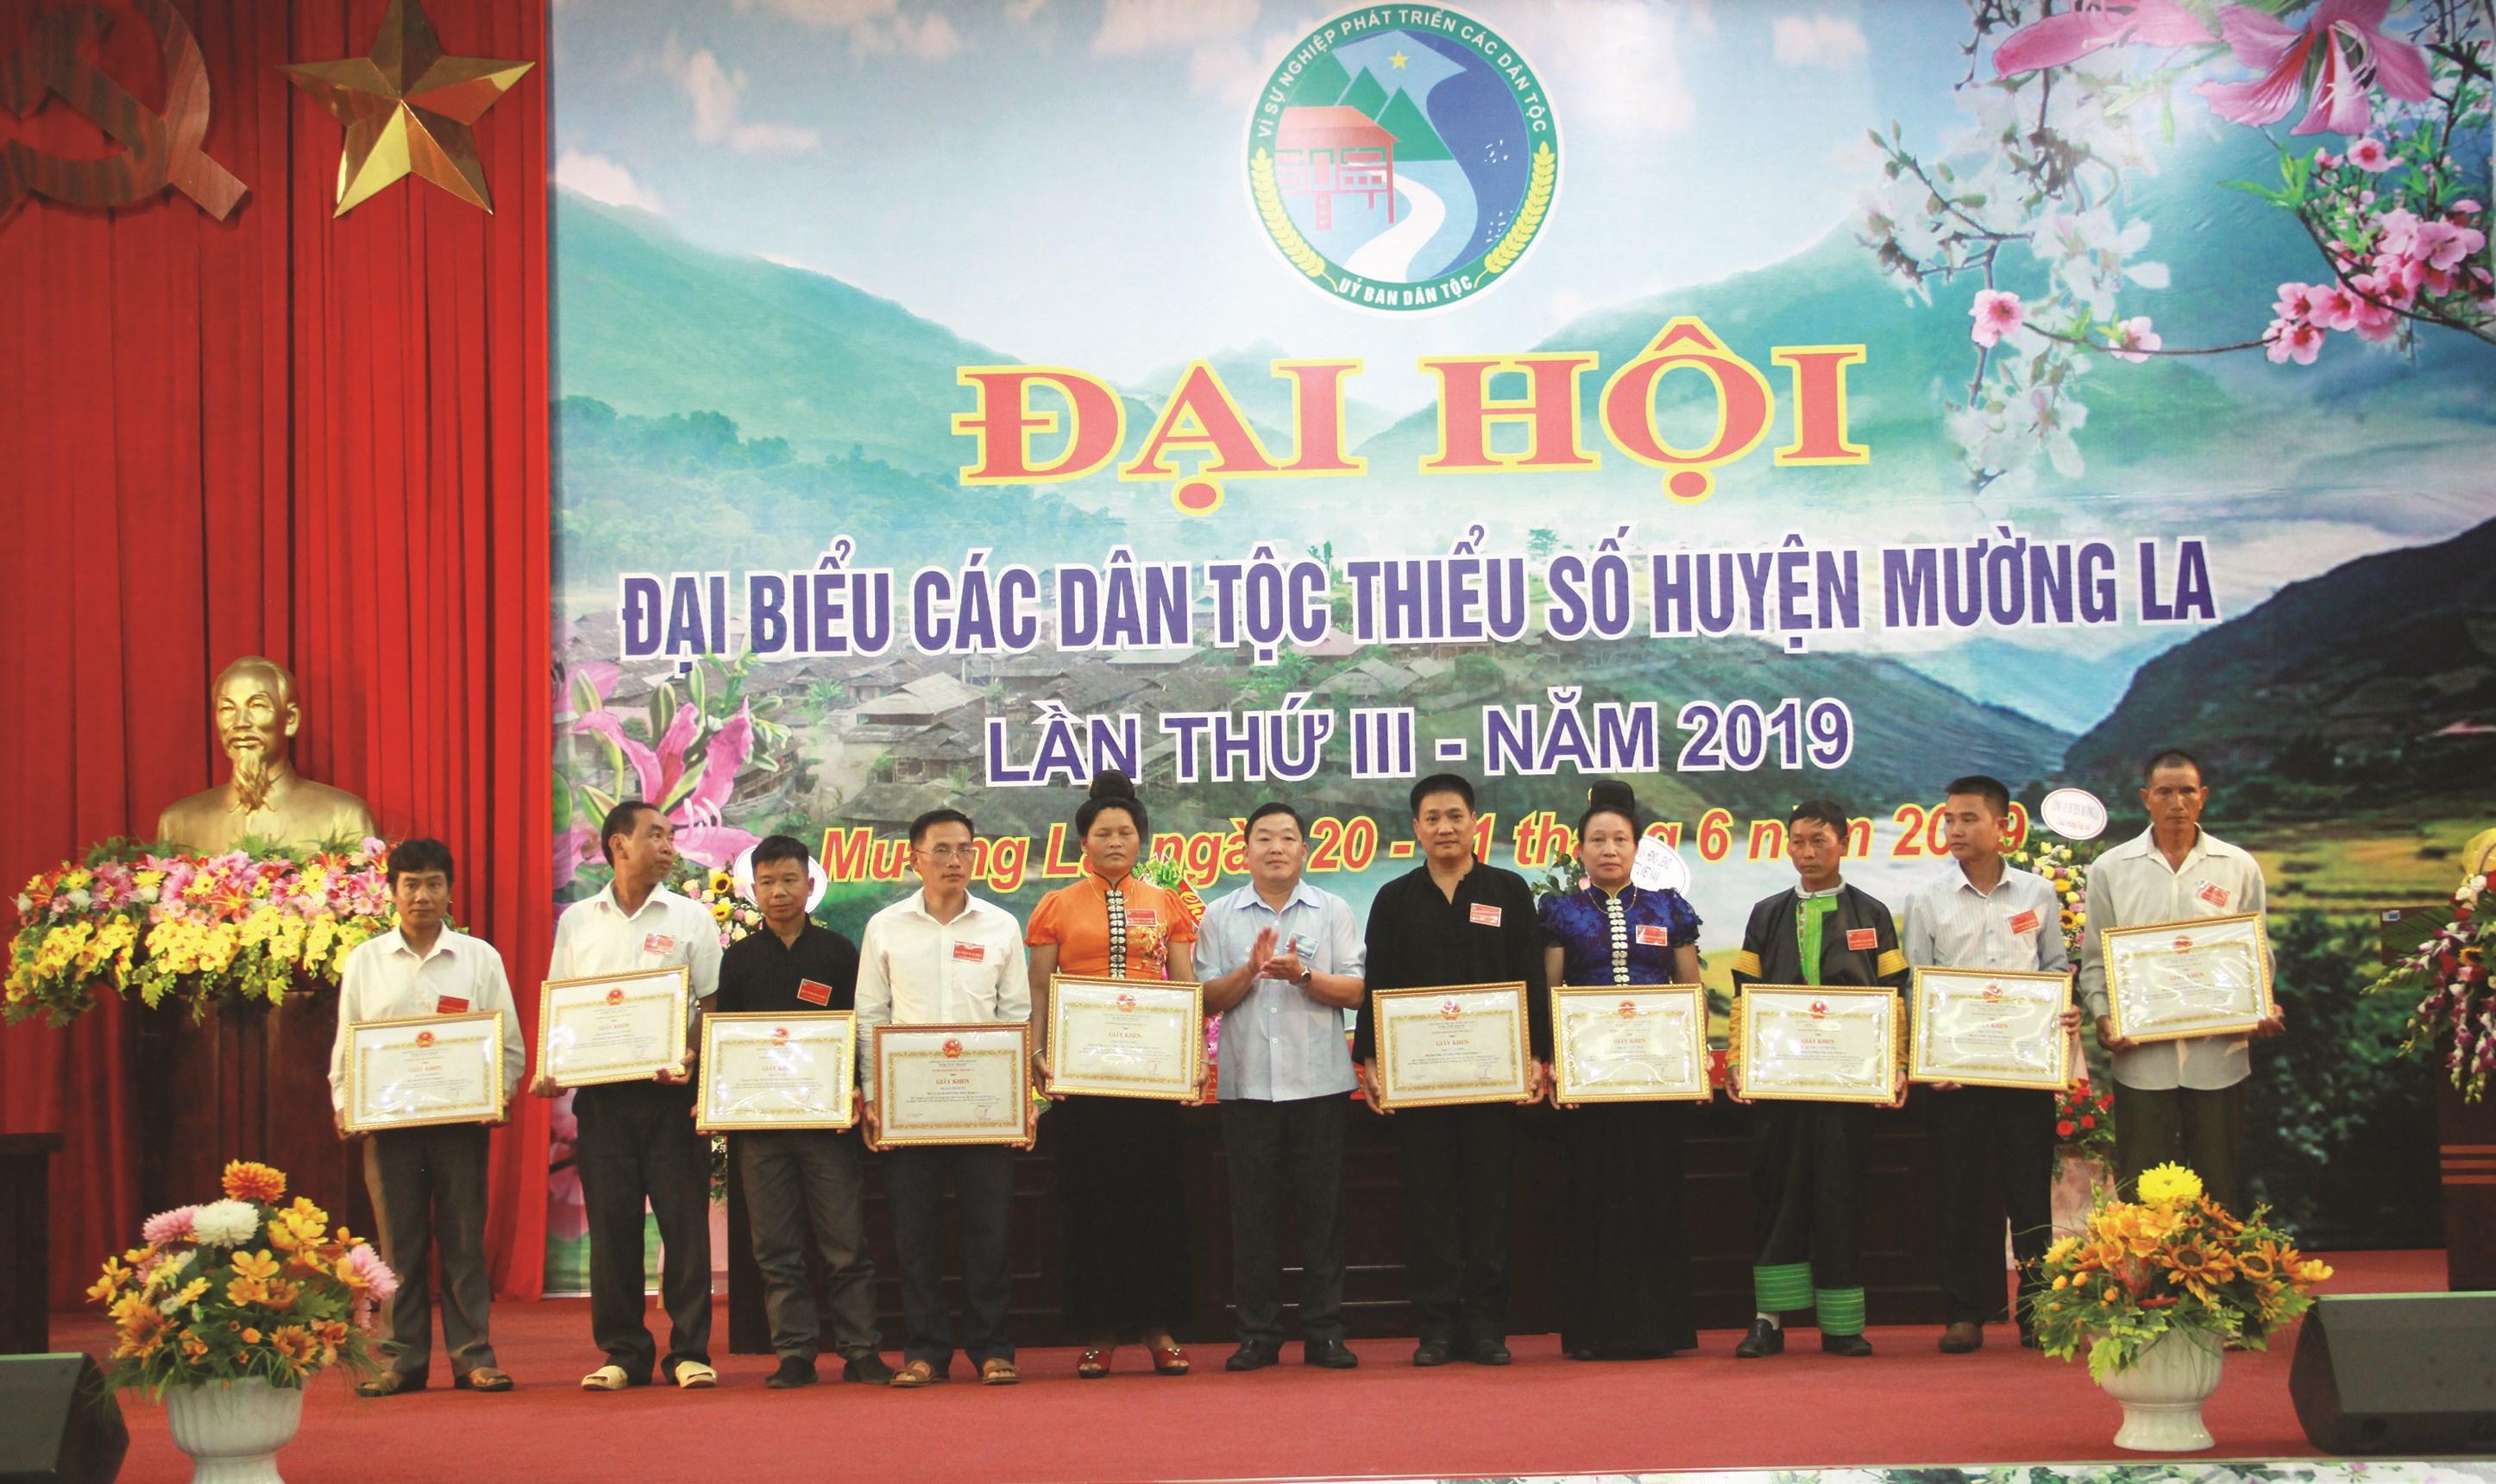 Anh Cứ A Vạng (thứ 3 bên trái) nhận Giấy khen của Ban Dân tộc tỉnh Sơn La tại Đại hội DTTS huyện Mường La năm 2019